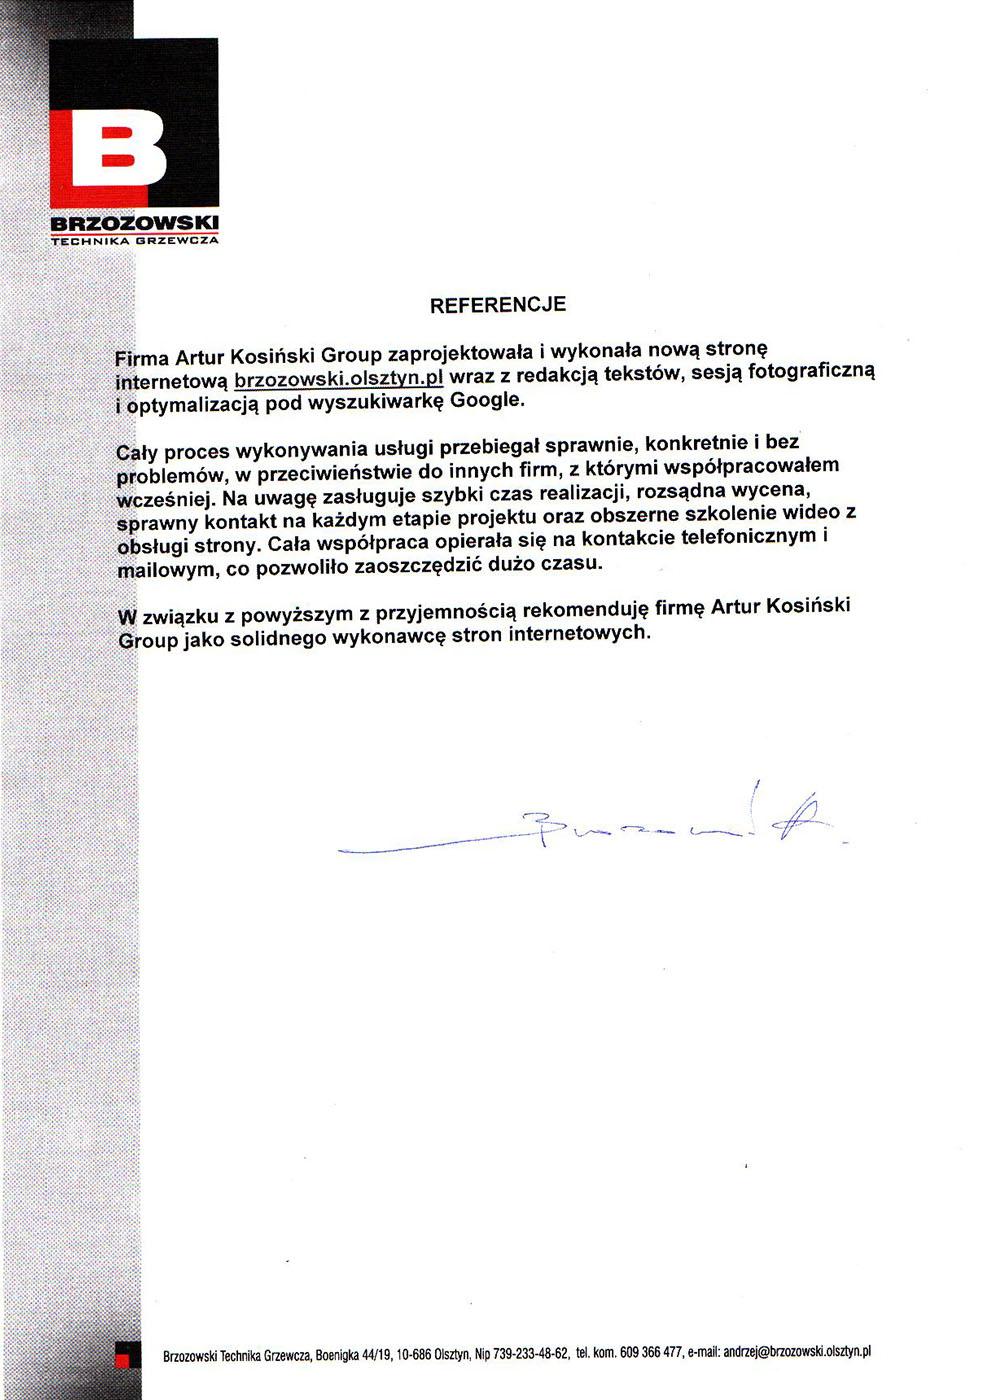 referencje brzozowski strona internetowa